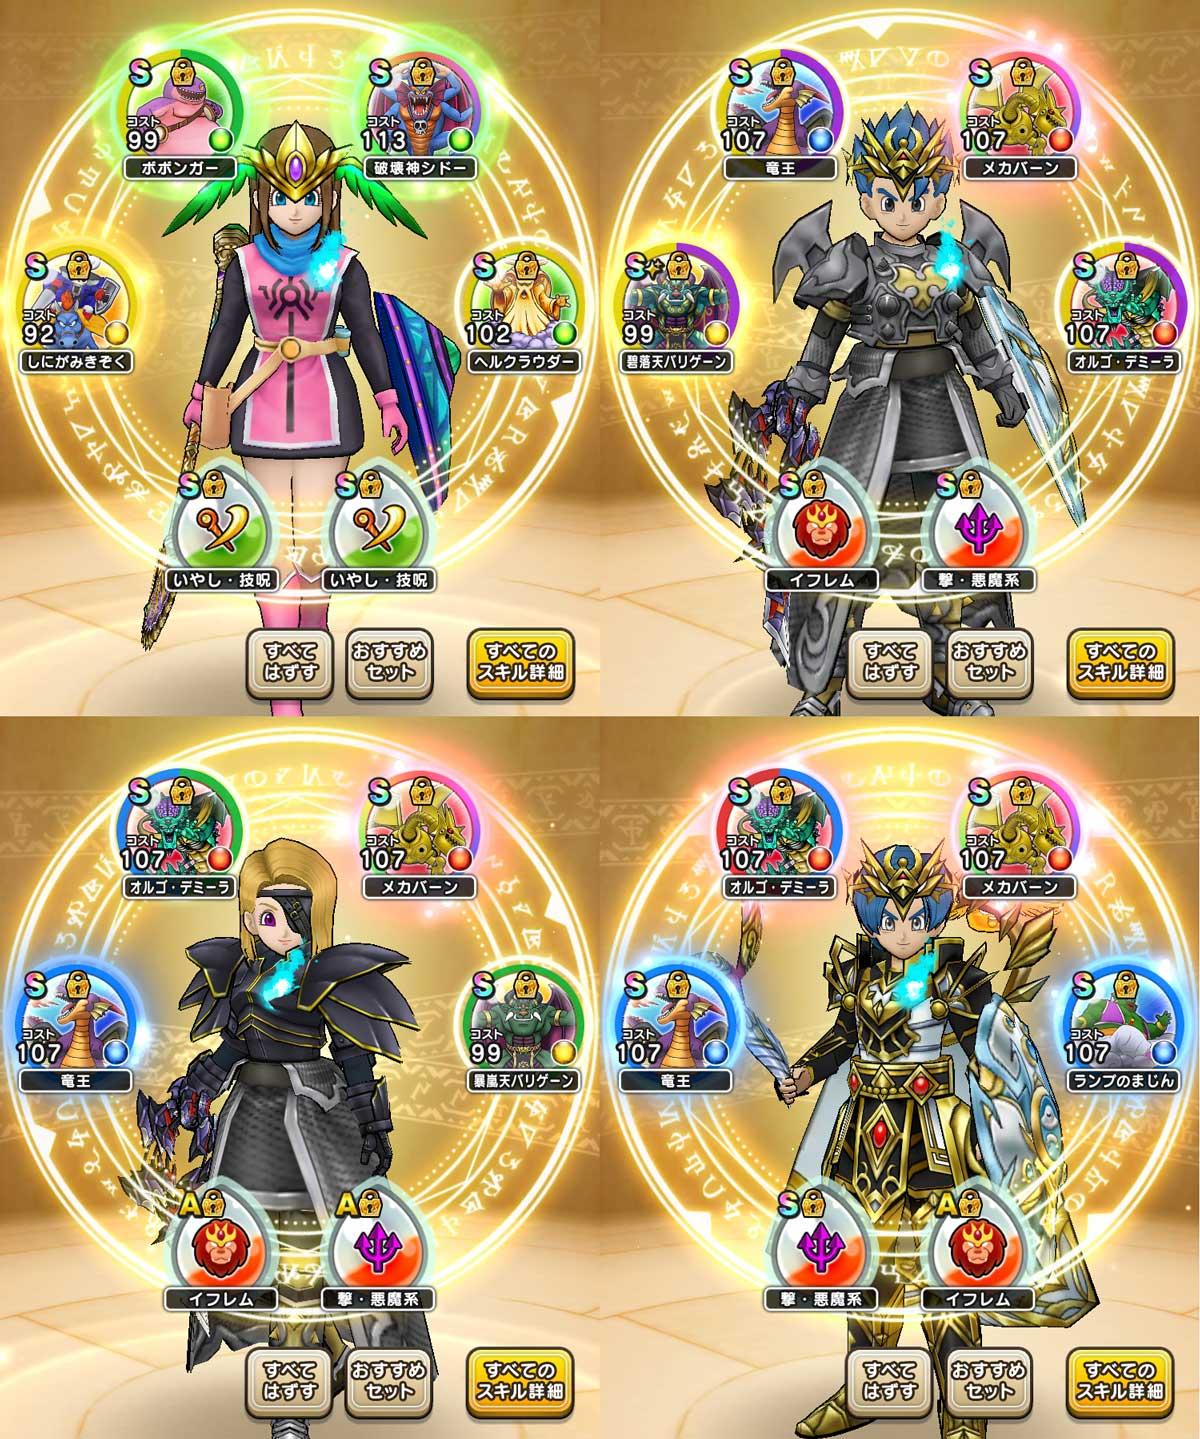 おにこんぼうに勝てない人への安定攻略法!スーパースターをメガモン戦に活用しよう! こころ編成と心珠編成 dragonquest-walk-onikonbo-img_5831